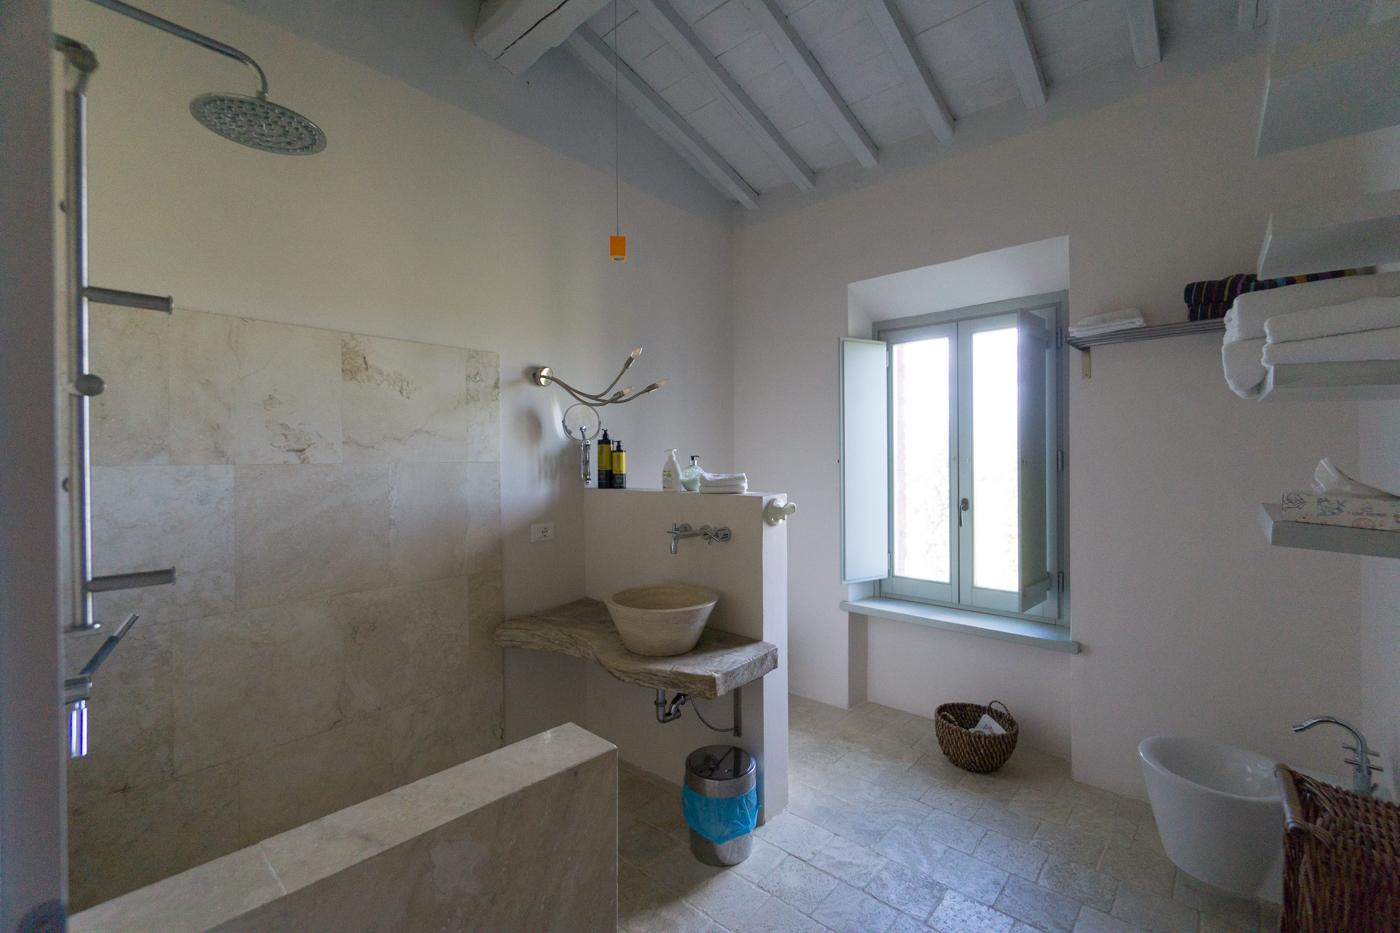 Salle de bains du logement en Toscane au Siena House